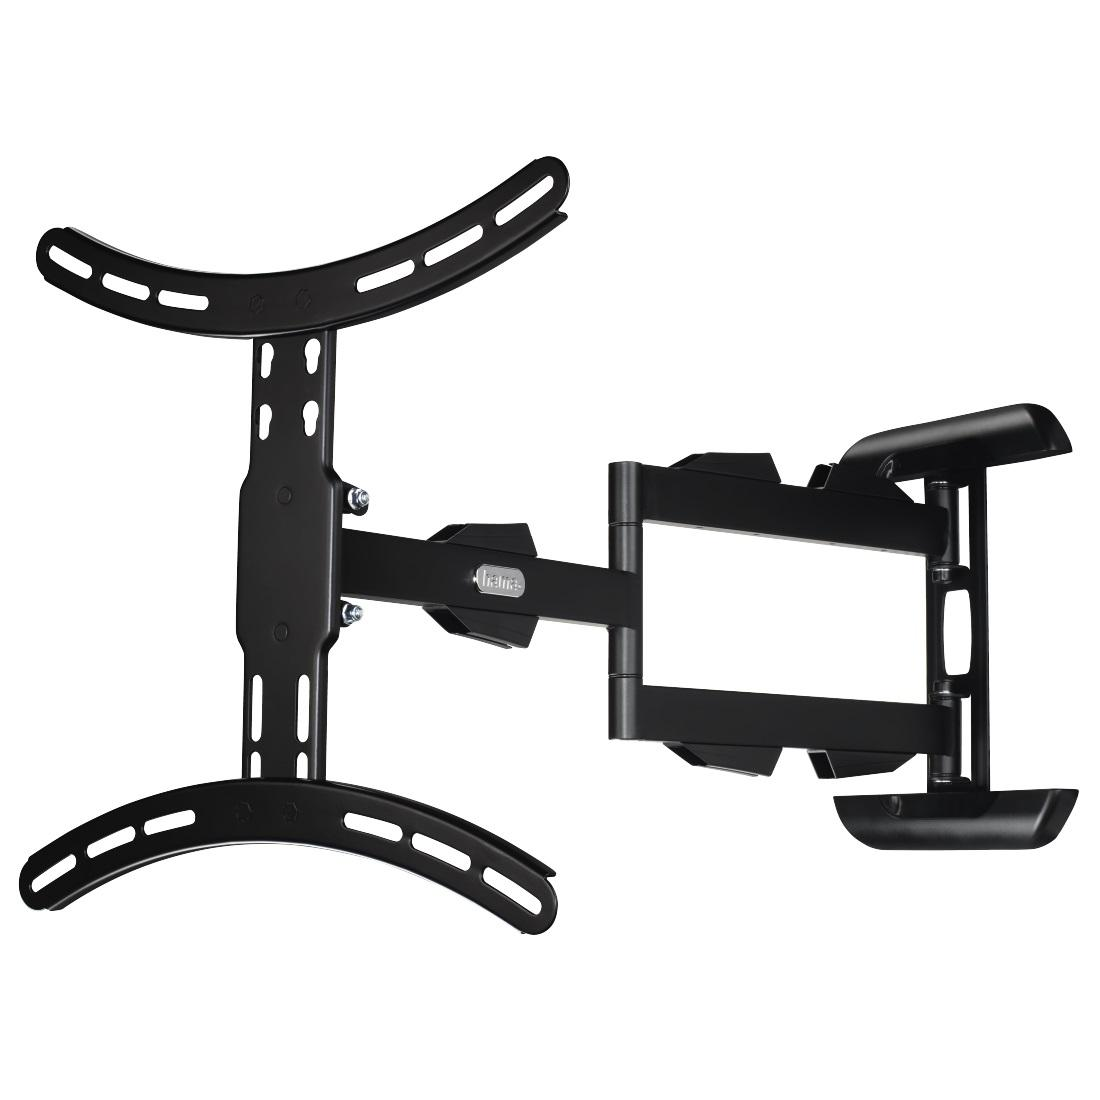 """Стенна стойка за TV HAMA 108712, Регулируема, 165 cm (65""""), 25 кг, 2 рамена, 3 звезди, Черен"""